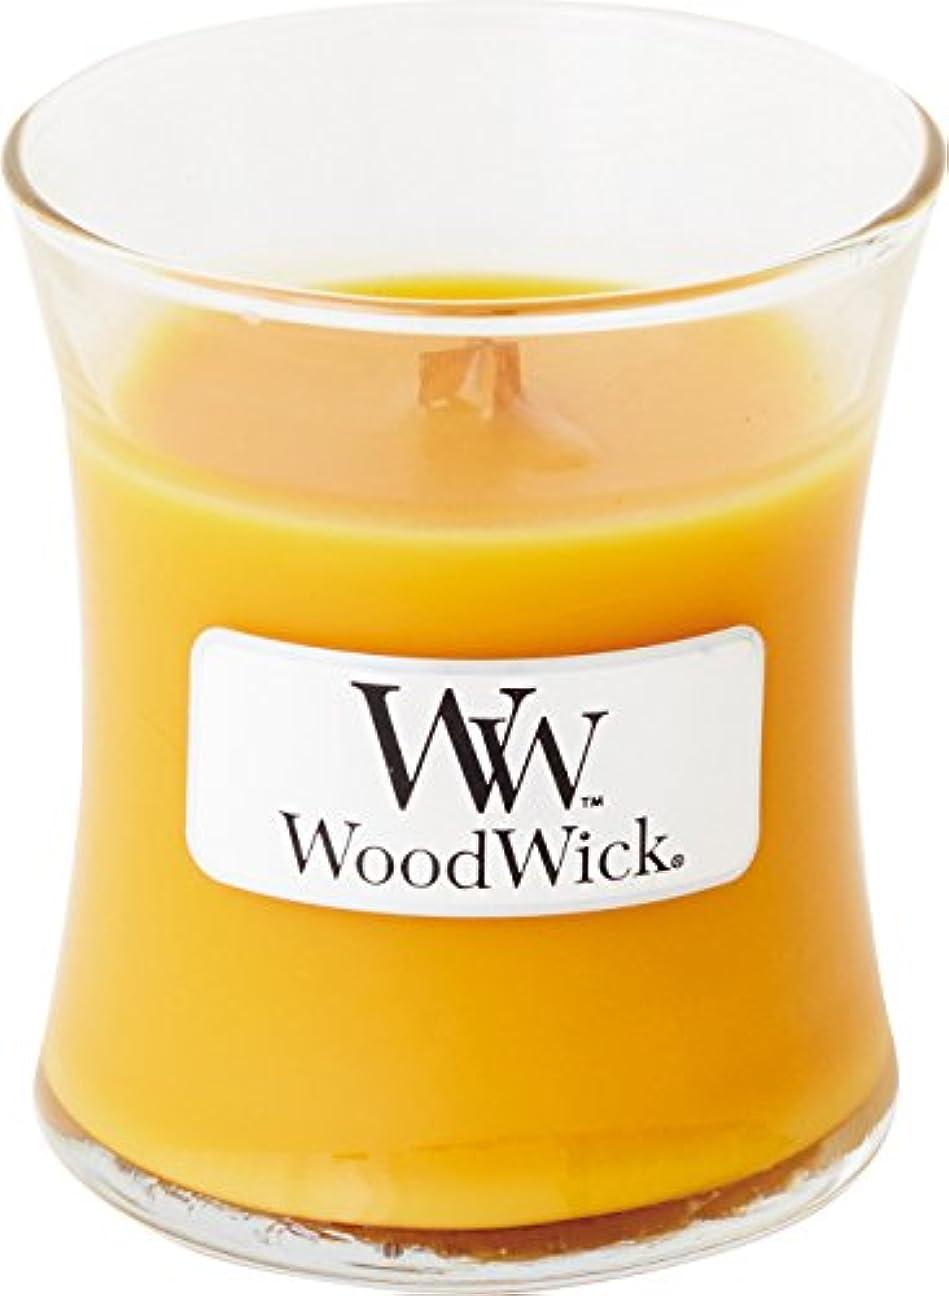 正当なサラダ余計なWood Wick ウッドウィック ジャーキャンドルSサイズ スパークリングオレンジ